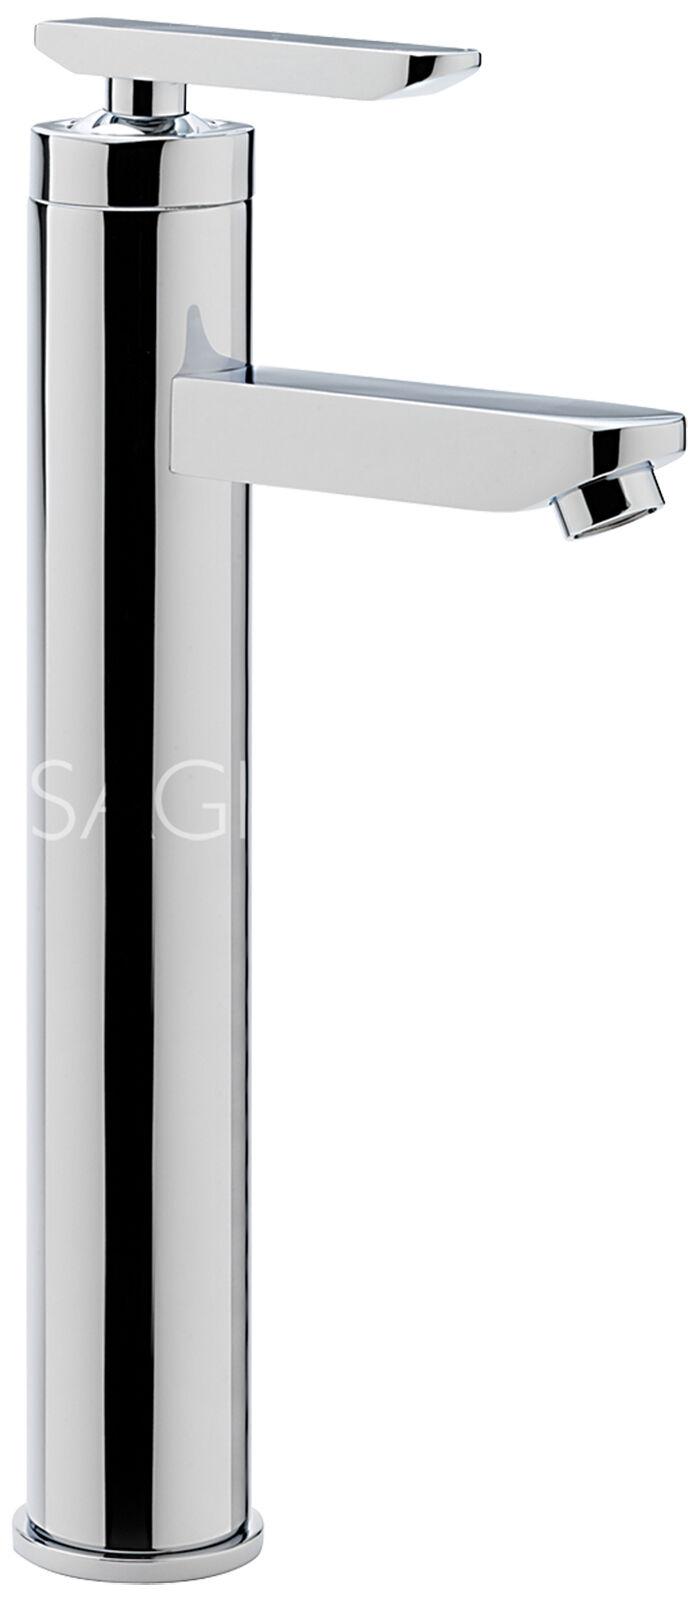 tizi con grossi rubinetti cazzo nero figa stretta